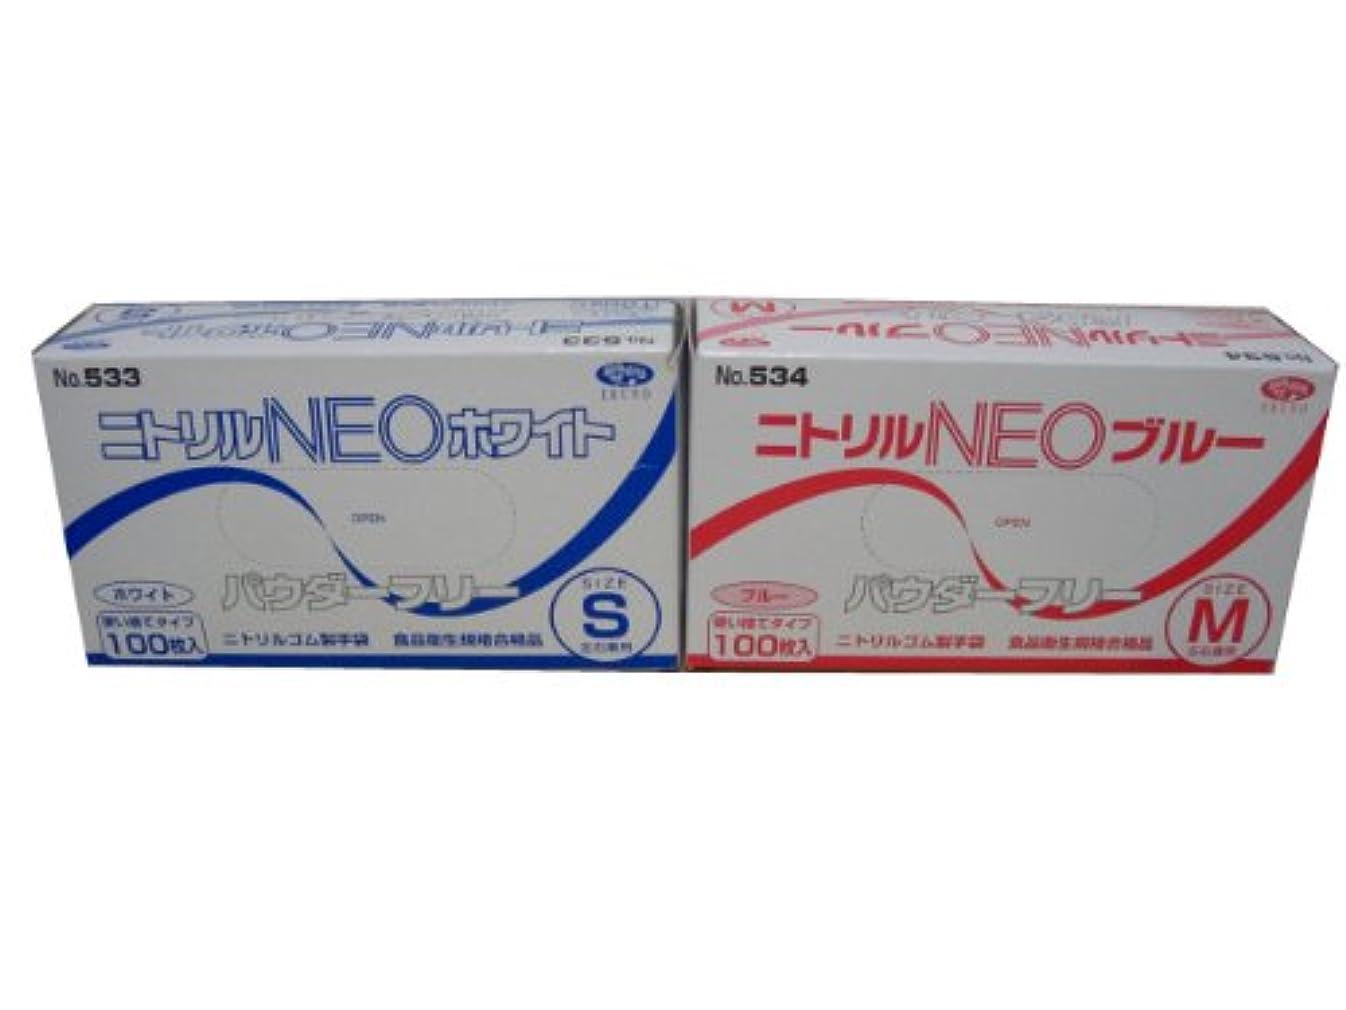 意識的の配列おとこ使い捨て手袋 エブノ ニトリルNEO No.534 粉無※青M 100枚X30箱 3000枚